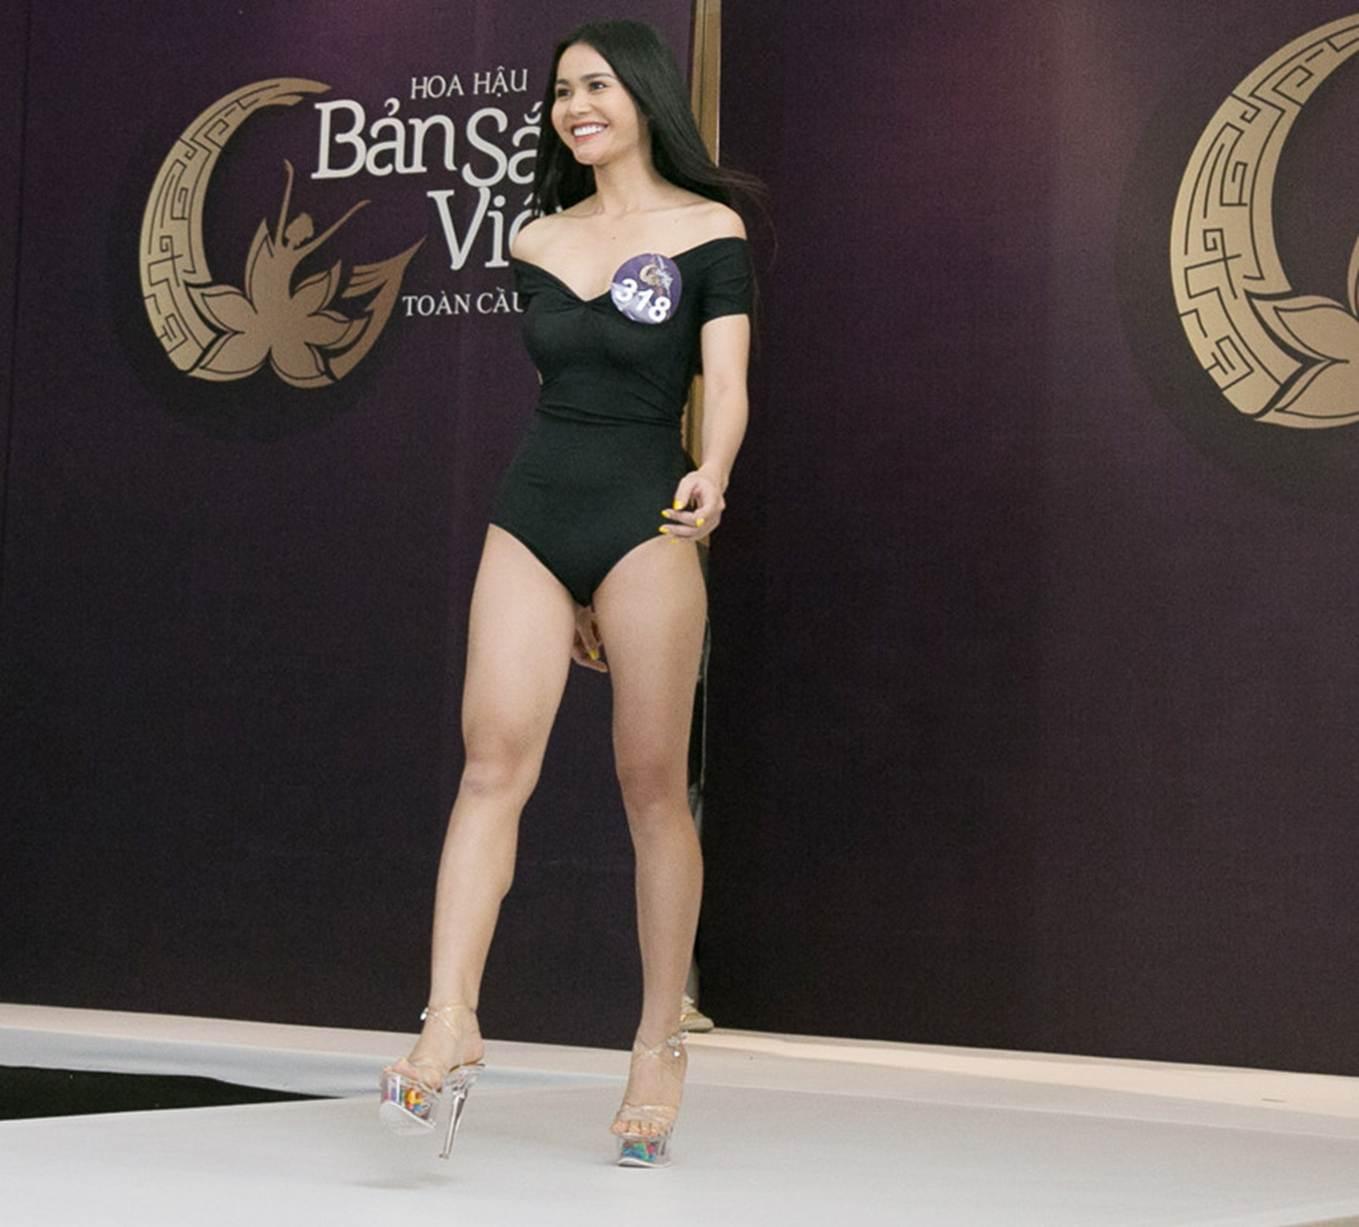 Thí sinh Hoa hậu Bản sắc Việt mặc áo tắm thi hình thể: Mặt xinh, eo to-3